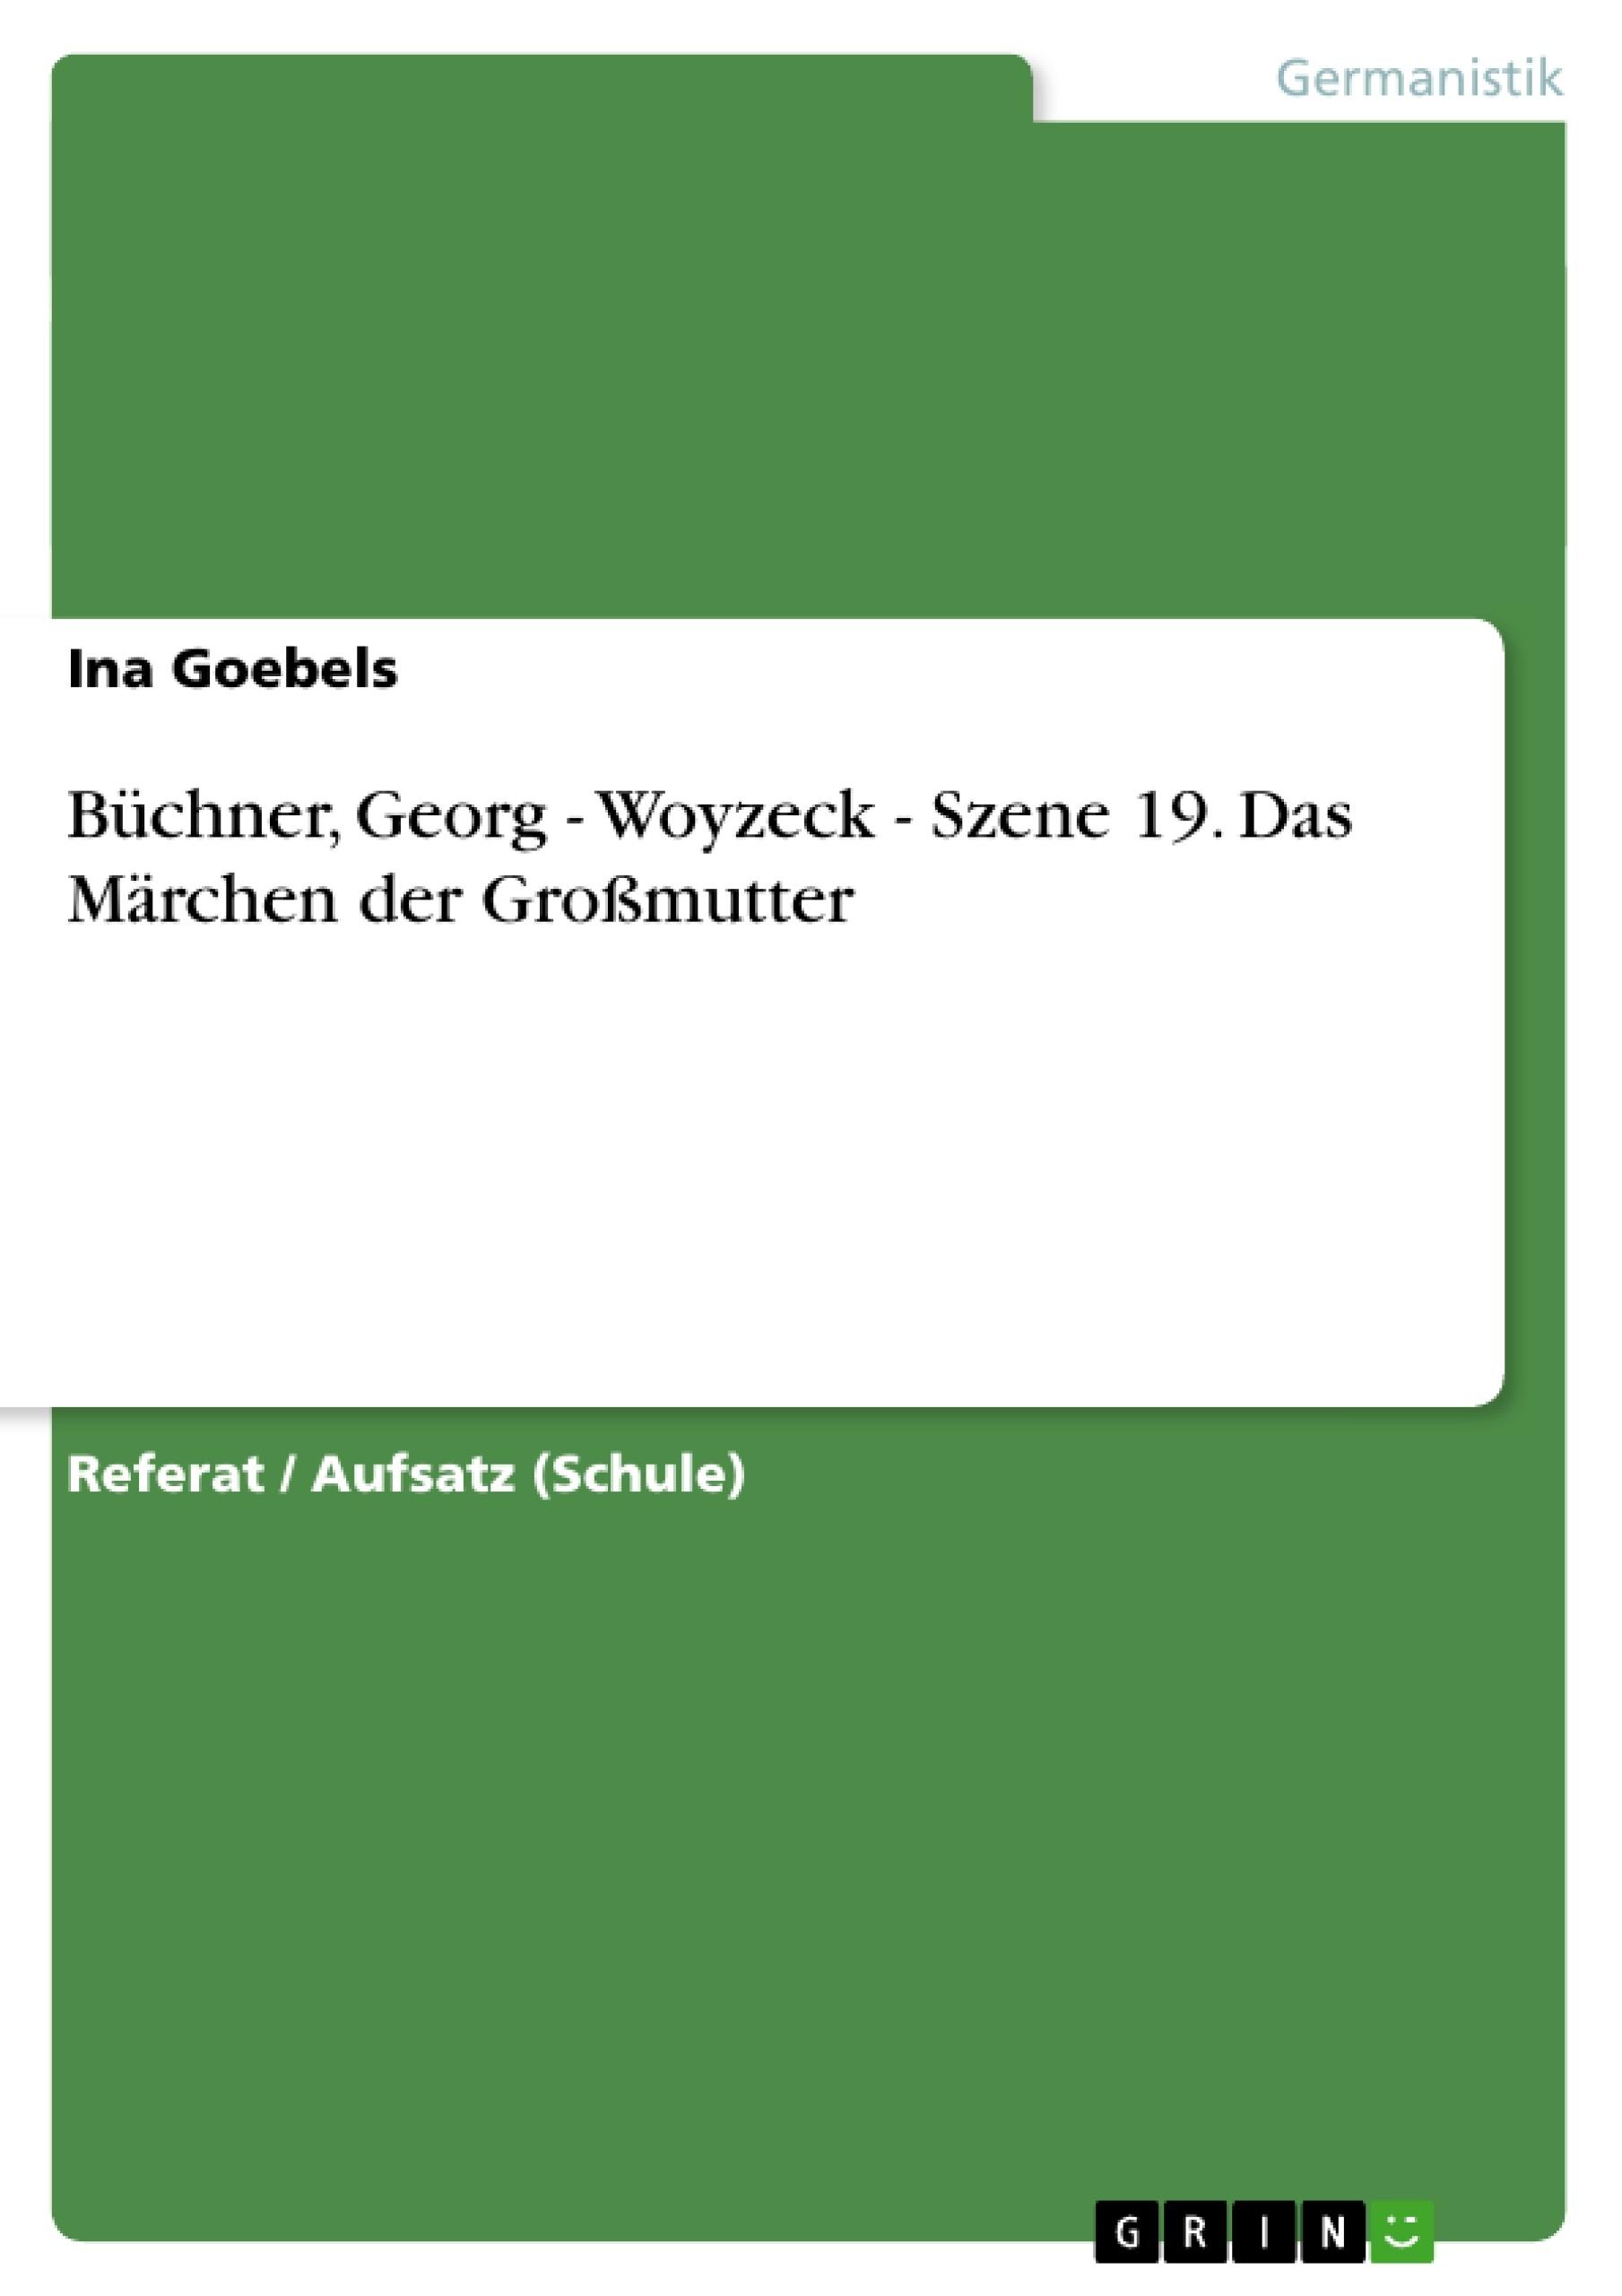 Titel: Büchner, Georg - Woyzeck - Szene 19. Das Märchen der Großmutter